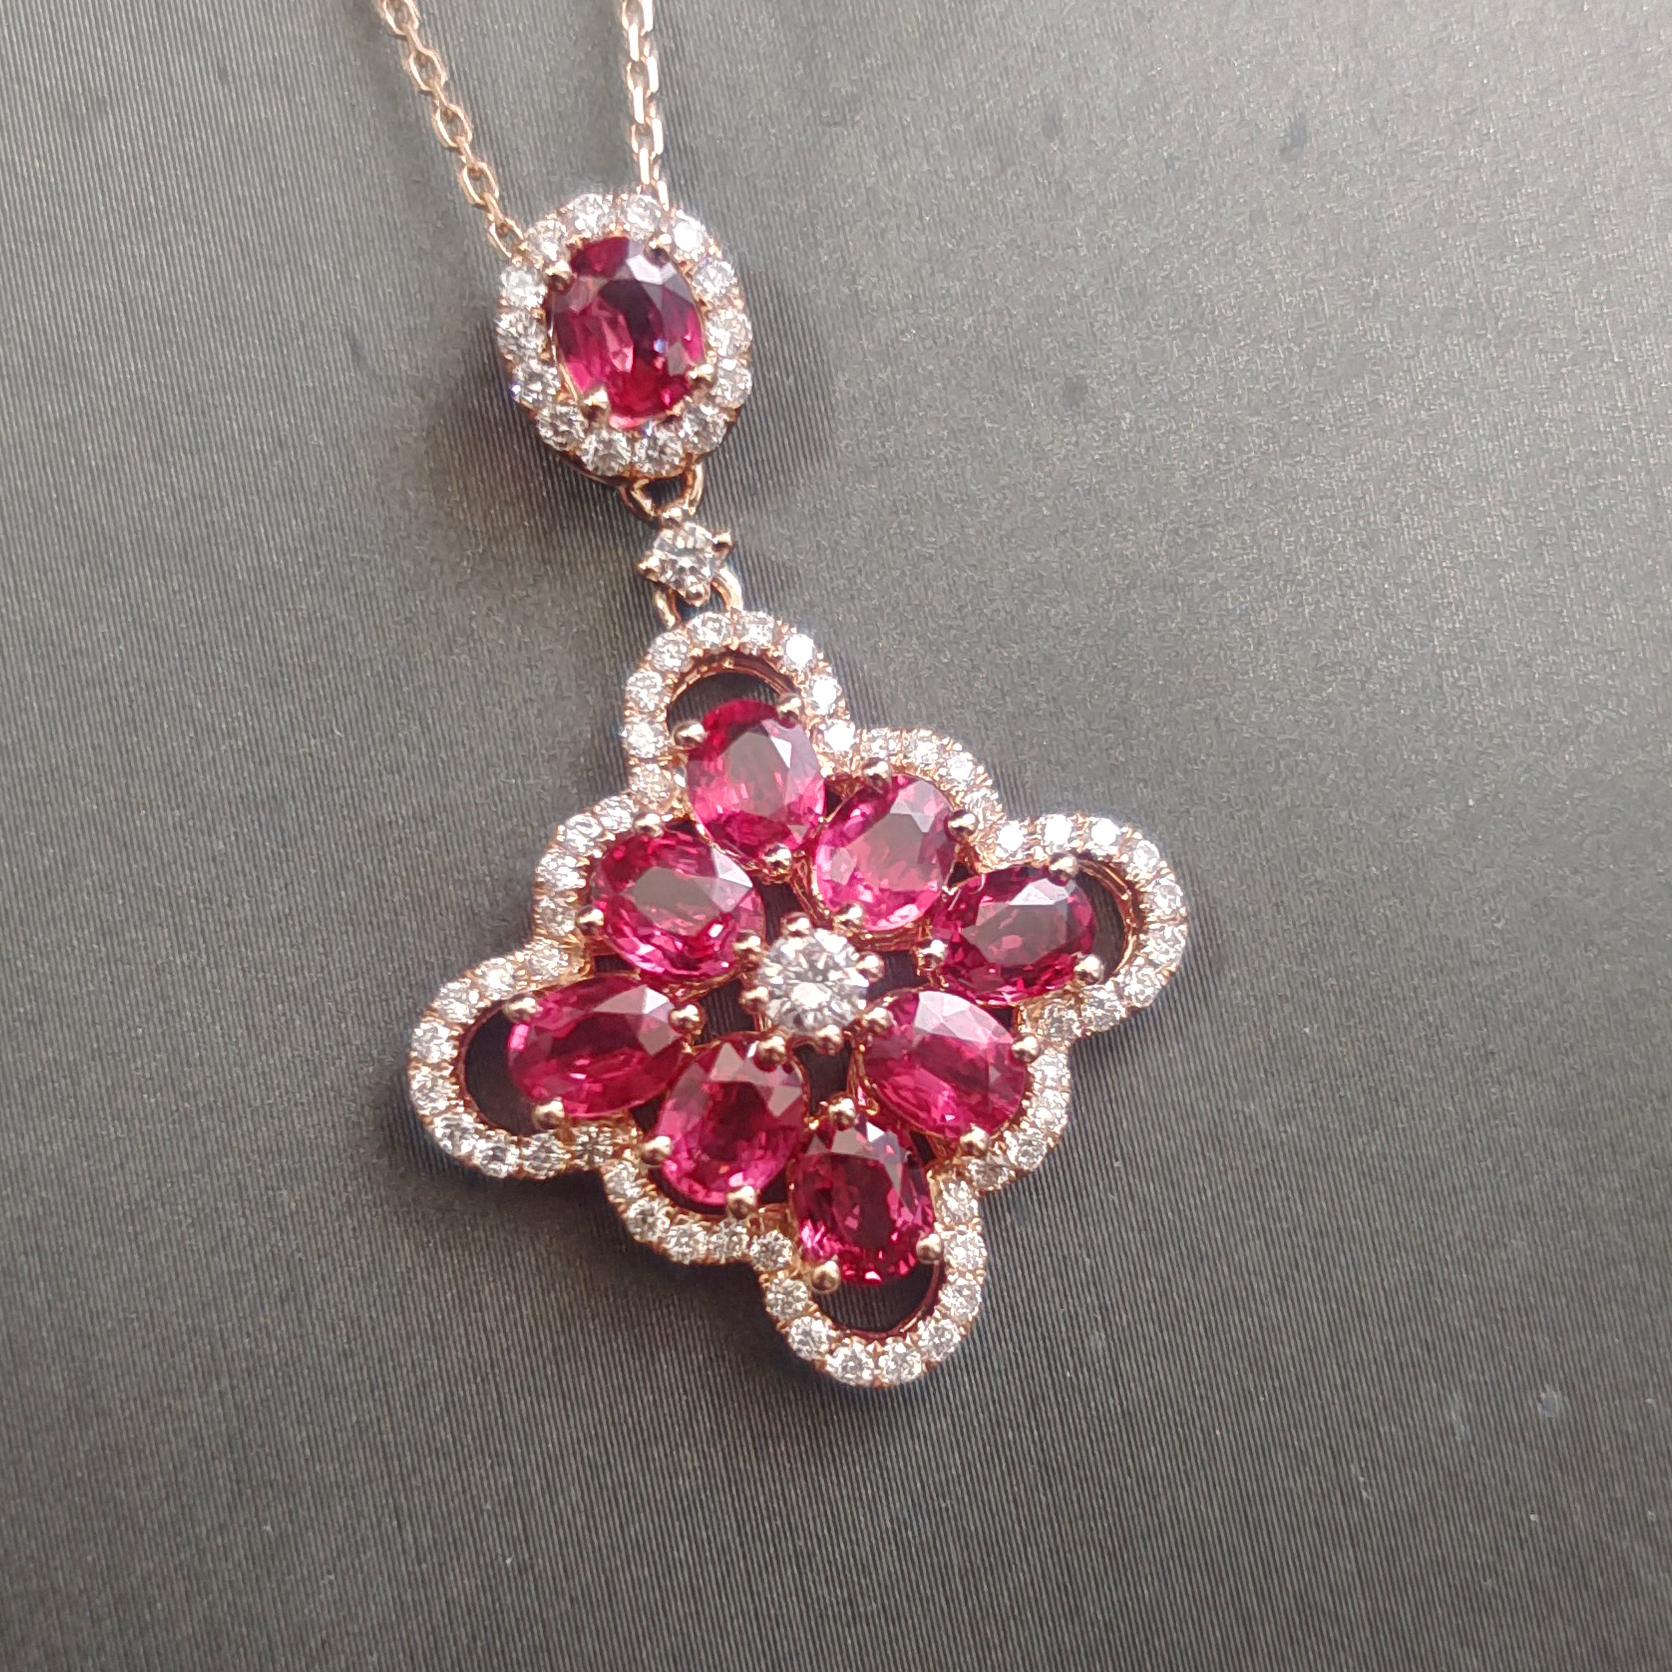 【【吊坠】18K金+红宝石+钻石 宝石颜色纯正 主石:2.52ct/9P 货重:4.61g】图3